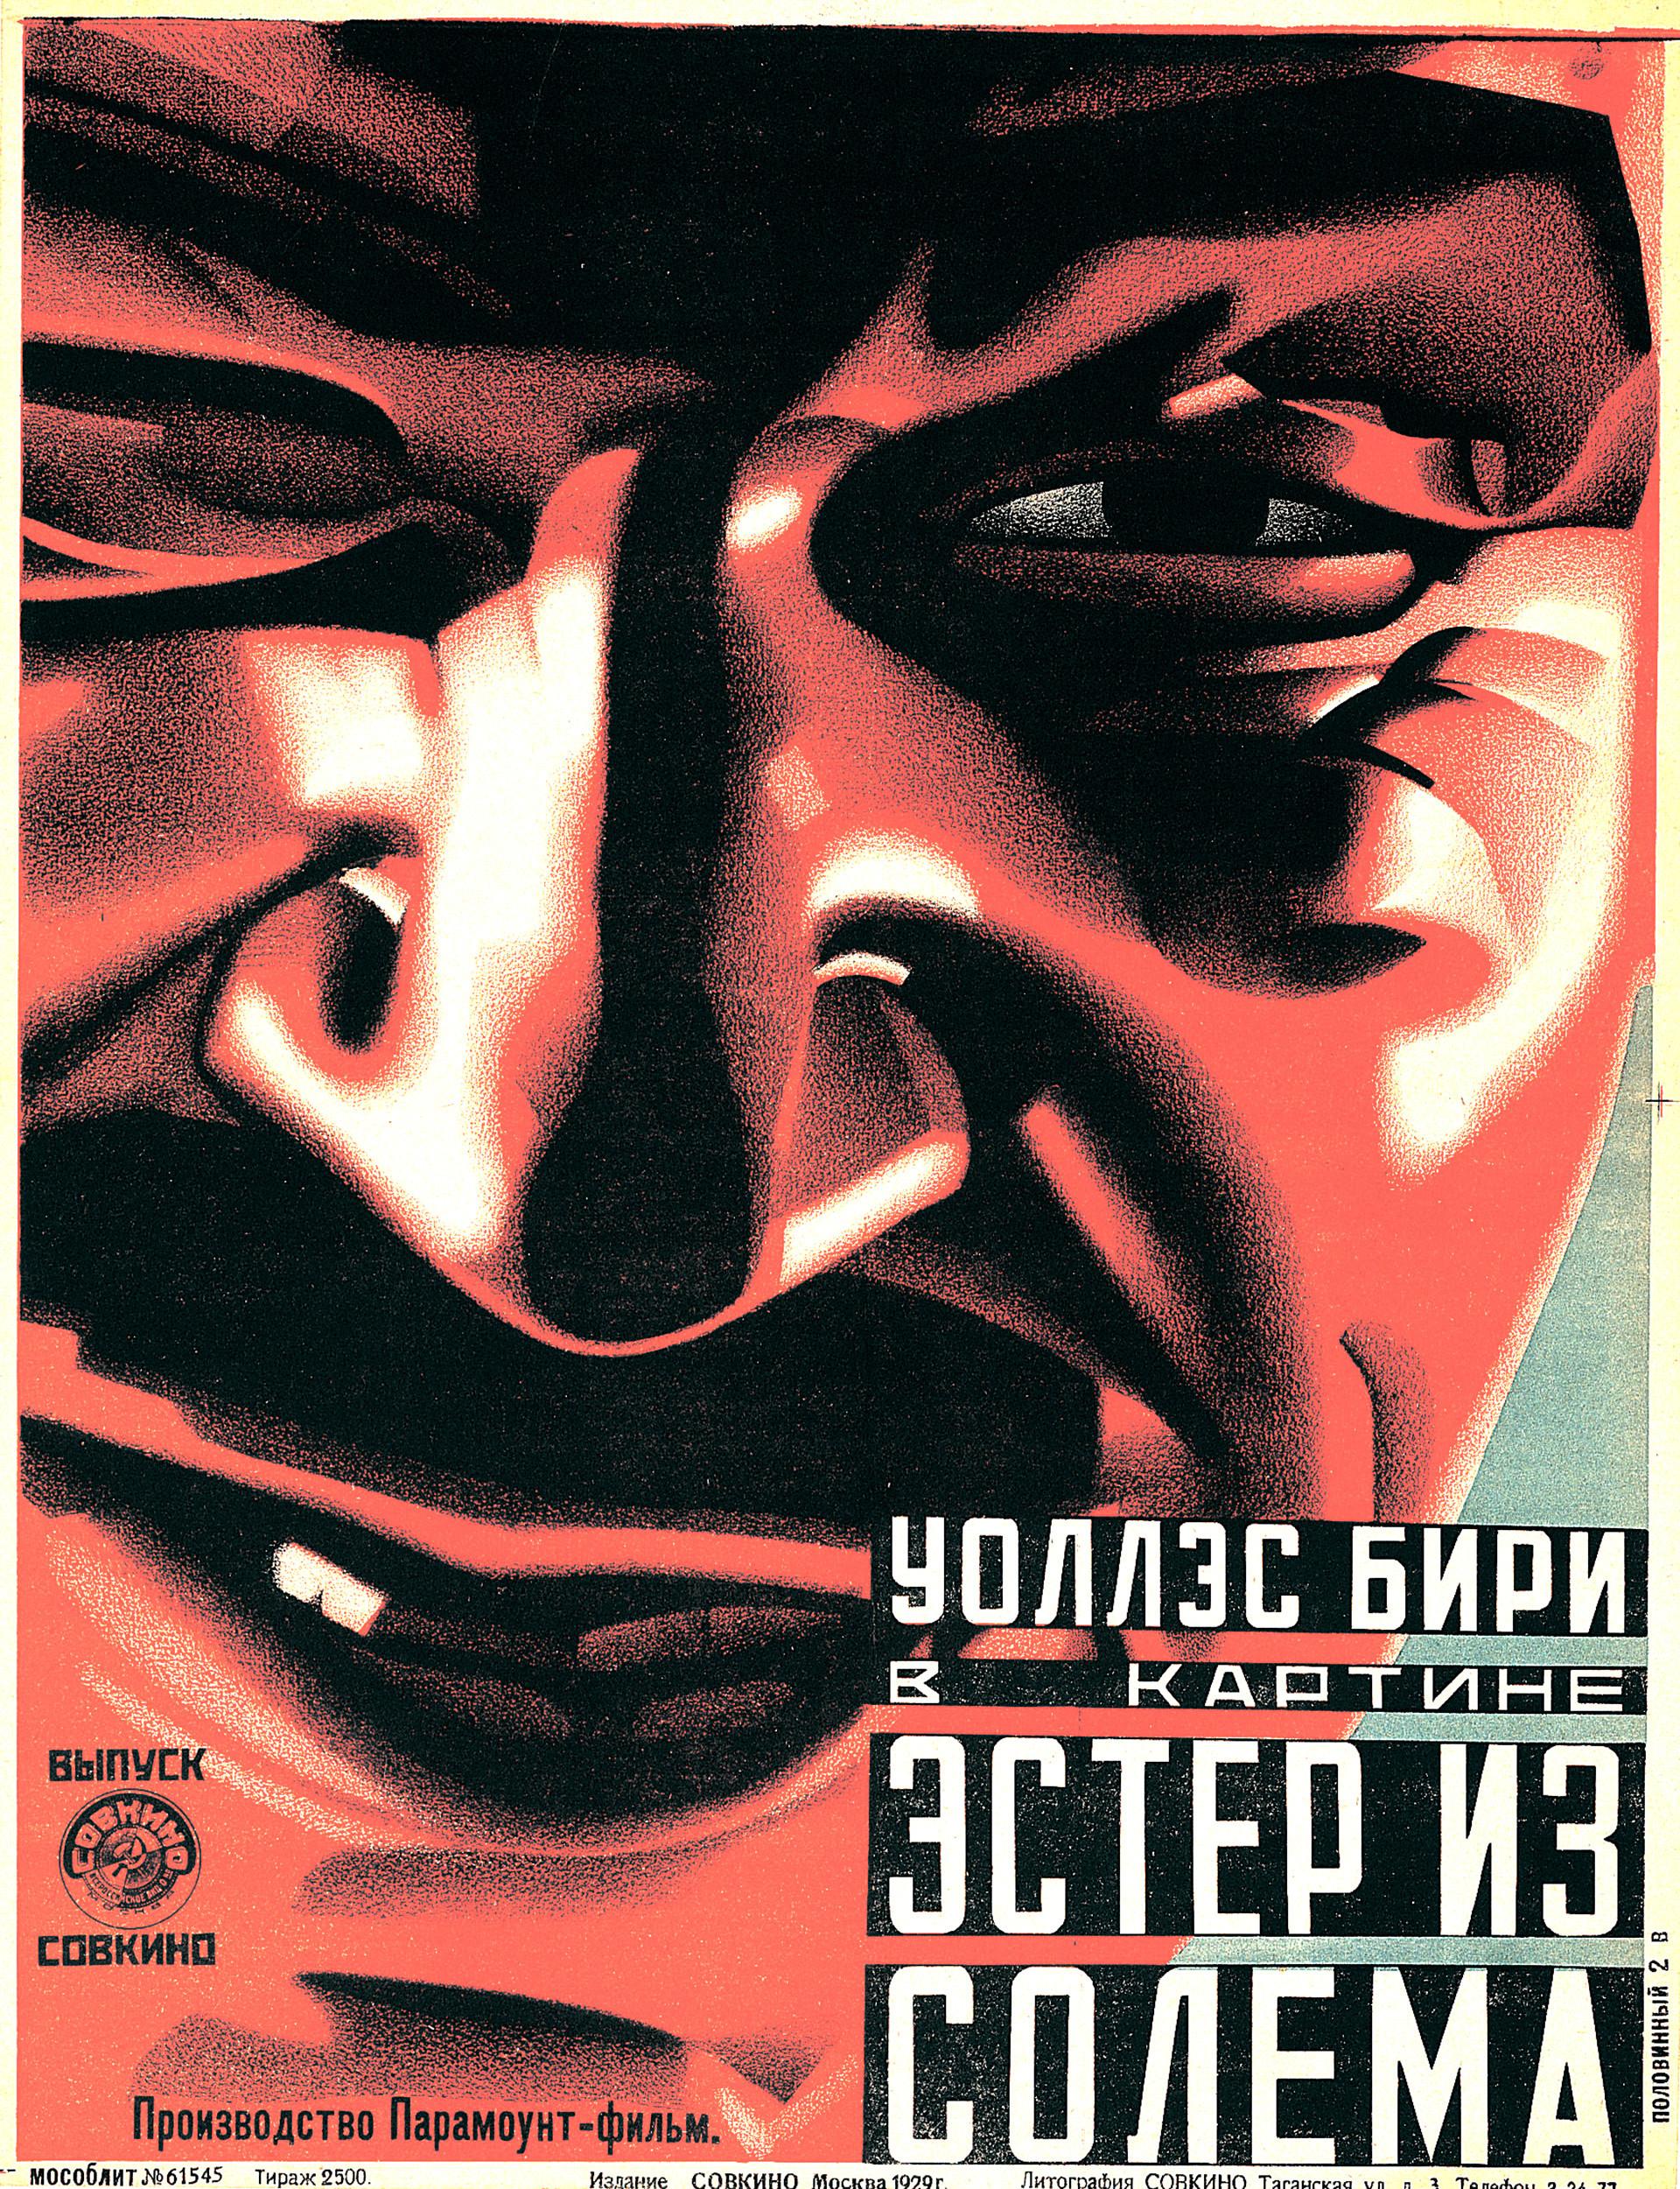 作者不詳、映画『ソレムのエステル』(1929)のポスター